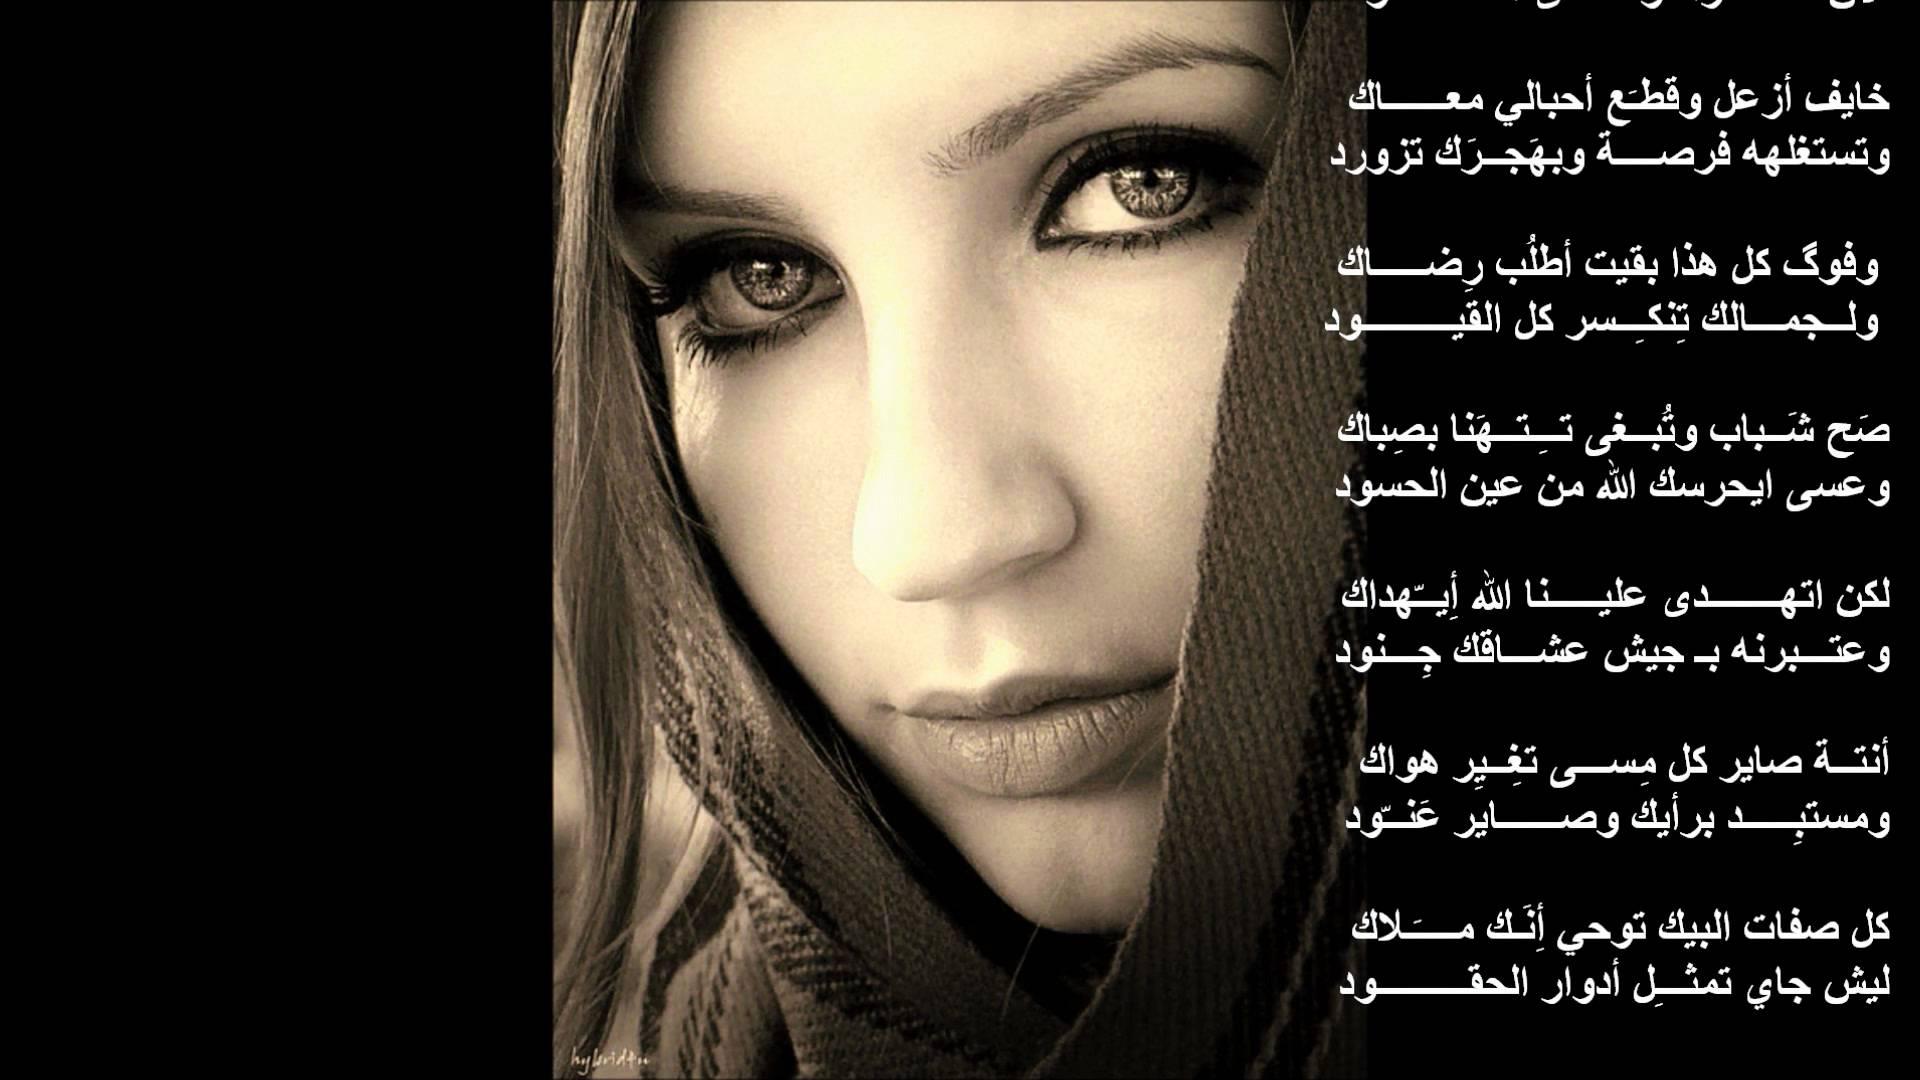 صور شعر رومانسي عراقي , اجمل الاشعار الرومانسية